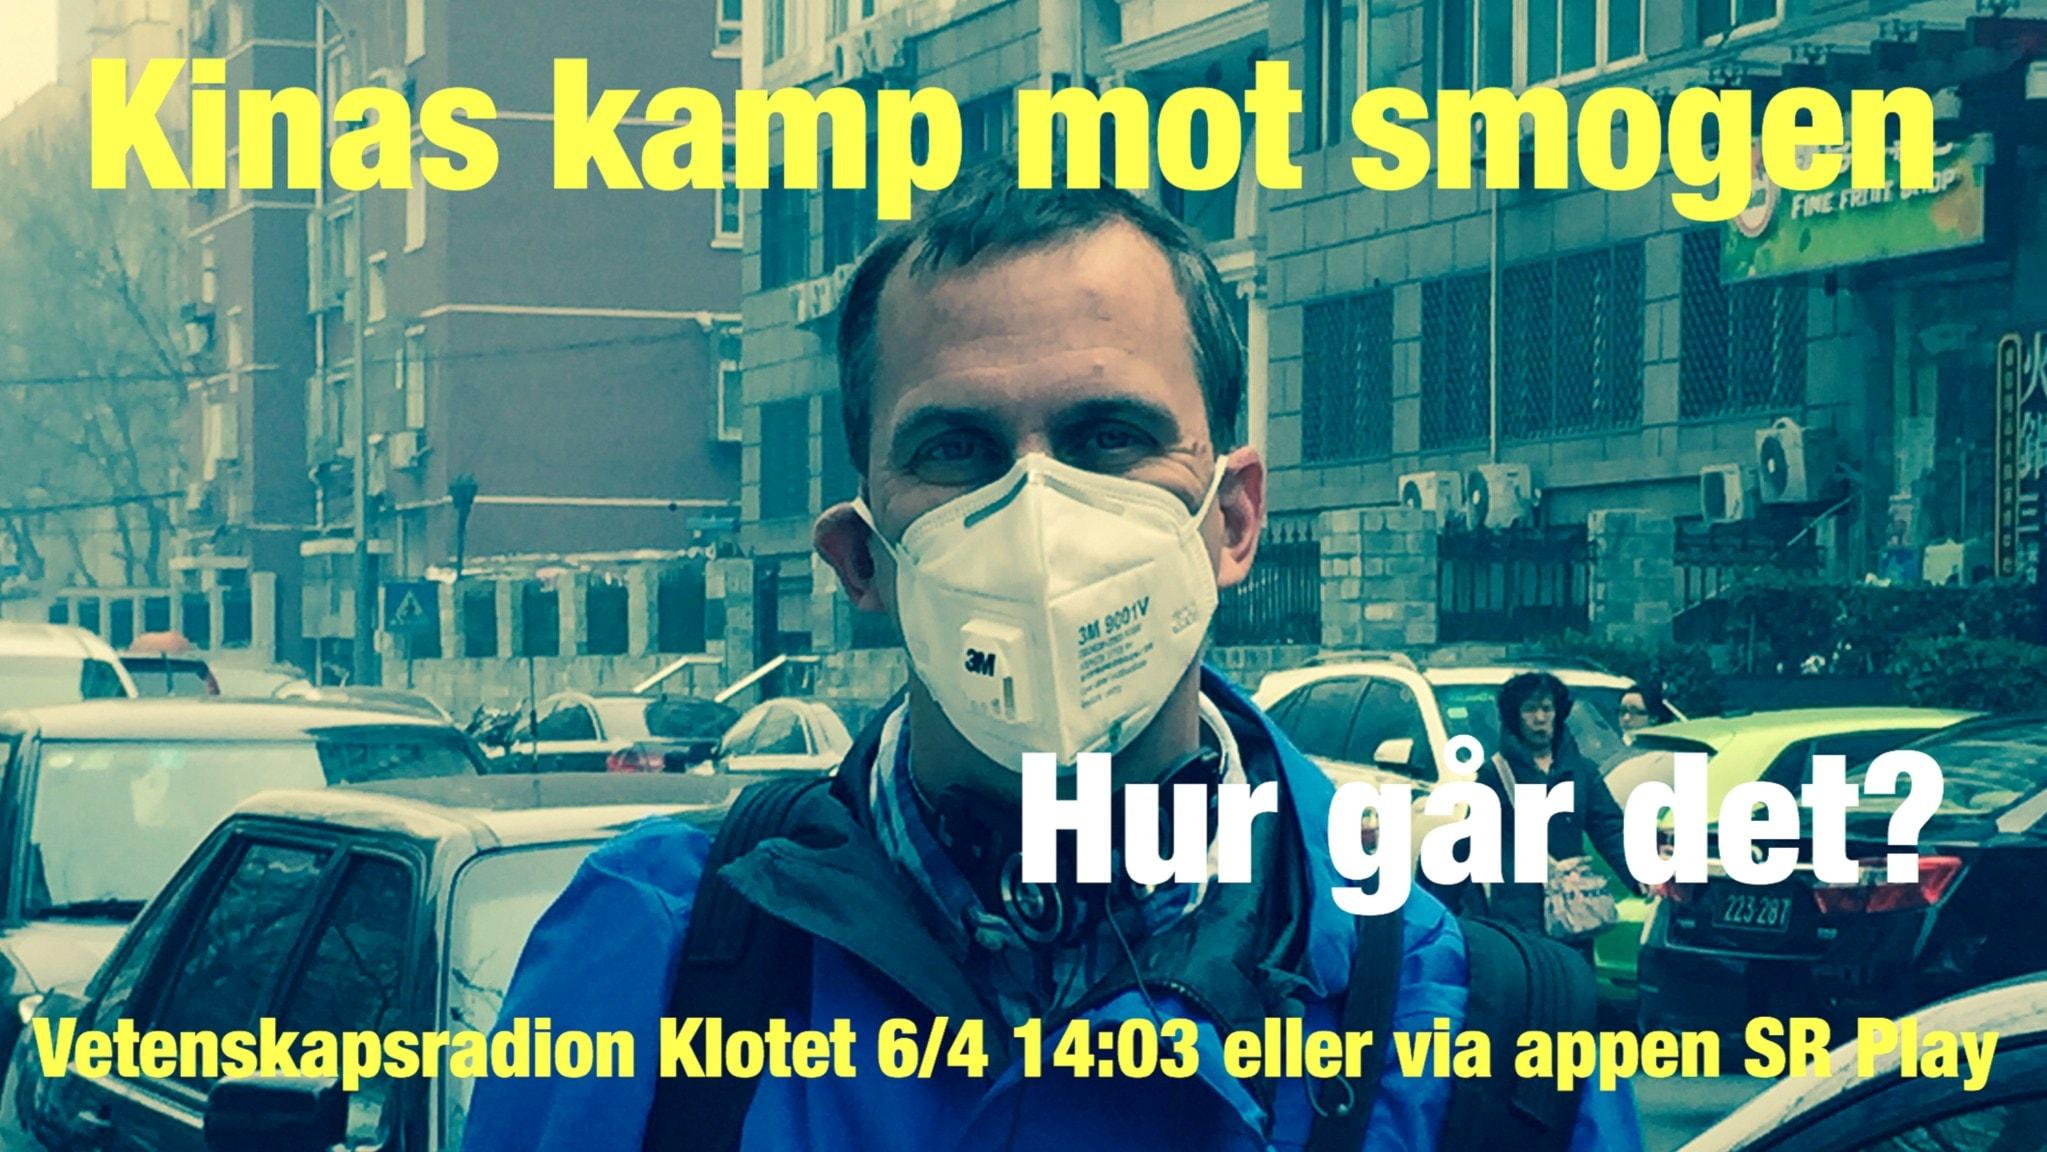 Kinas kamp mot smogen